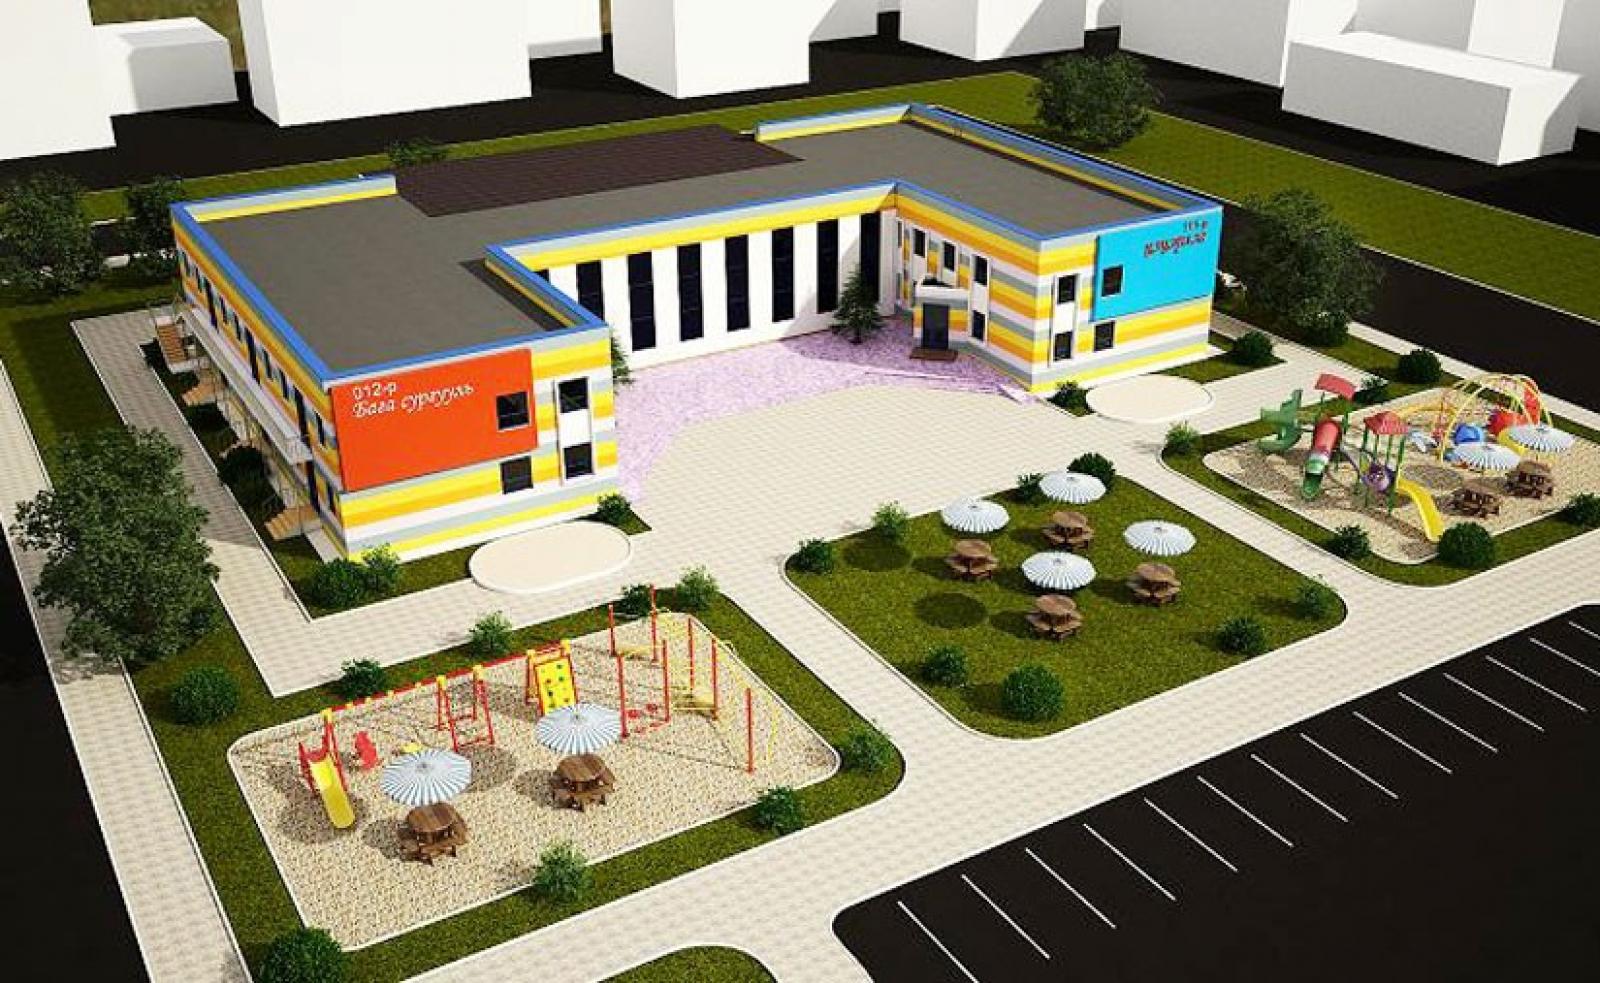 Шинээр баригдаж буй хороолол, хотхонд сургууль, цэцэрлэгийг төлөвлөж барихаар болов